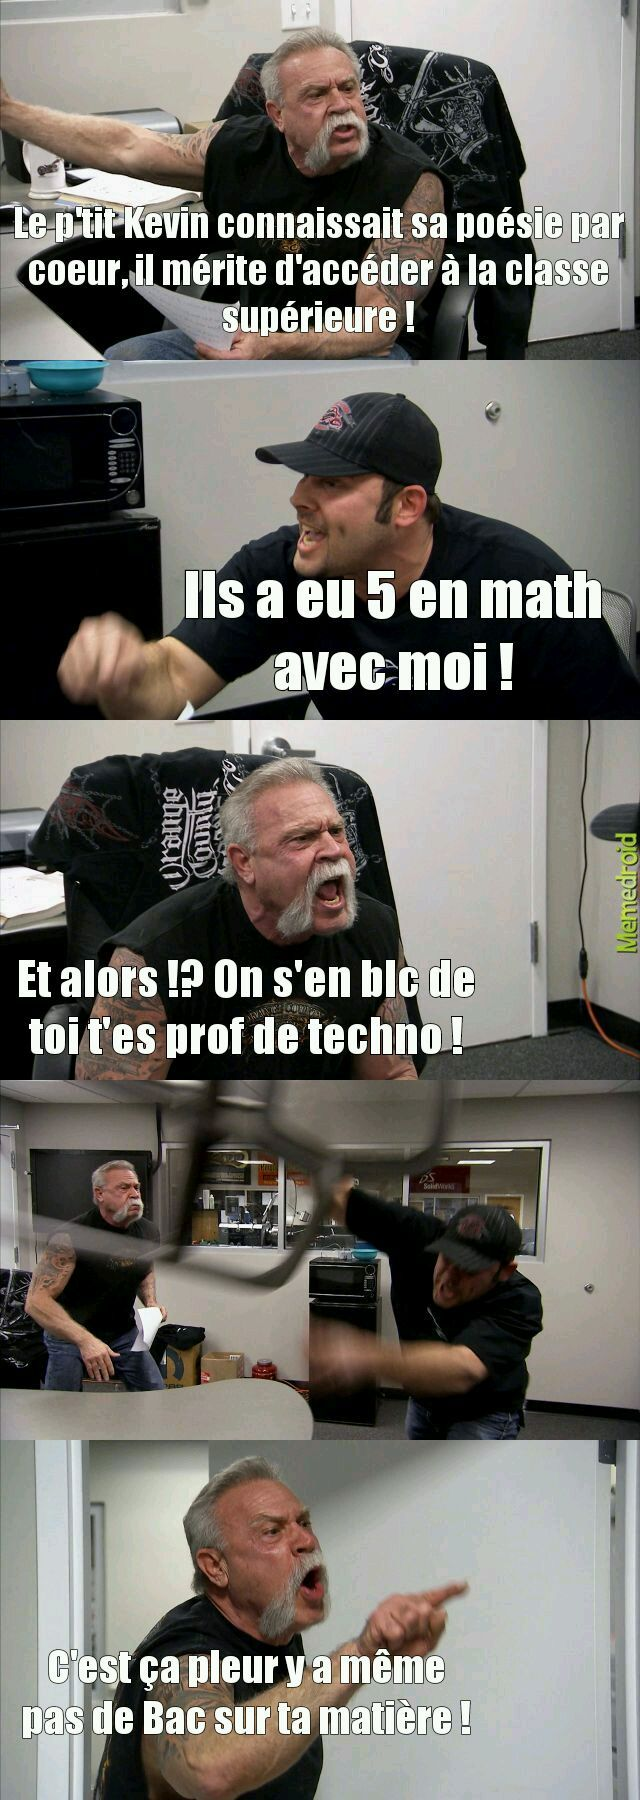 Conseil de classe 1 - meme